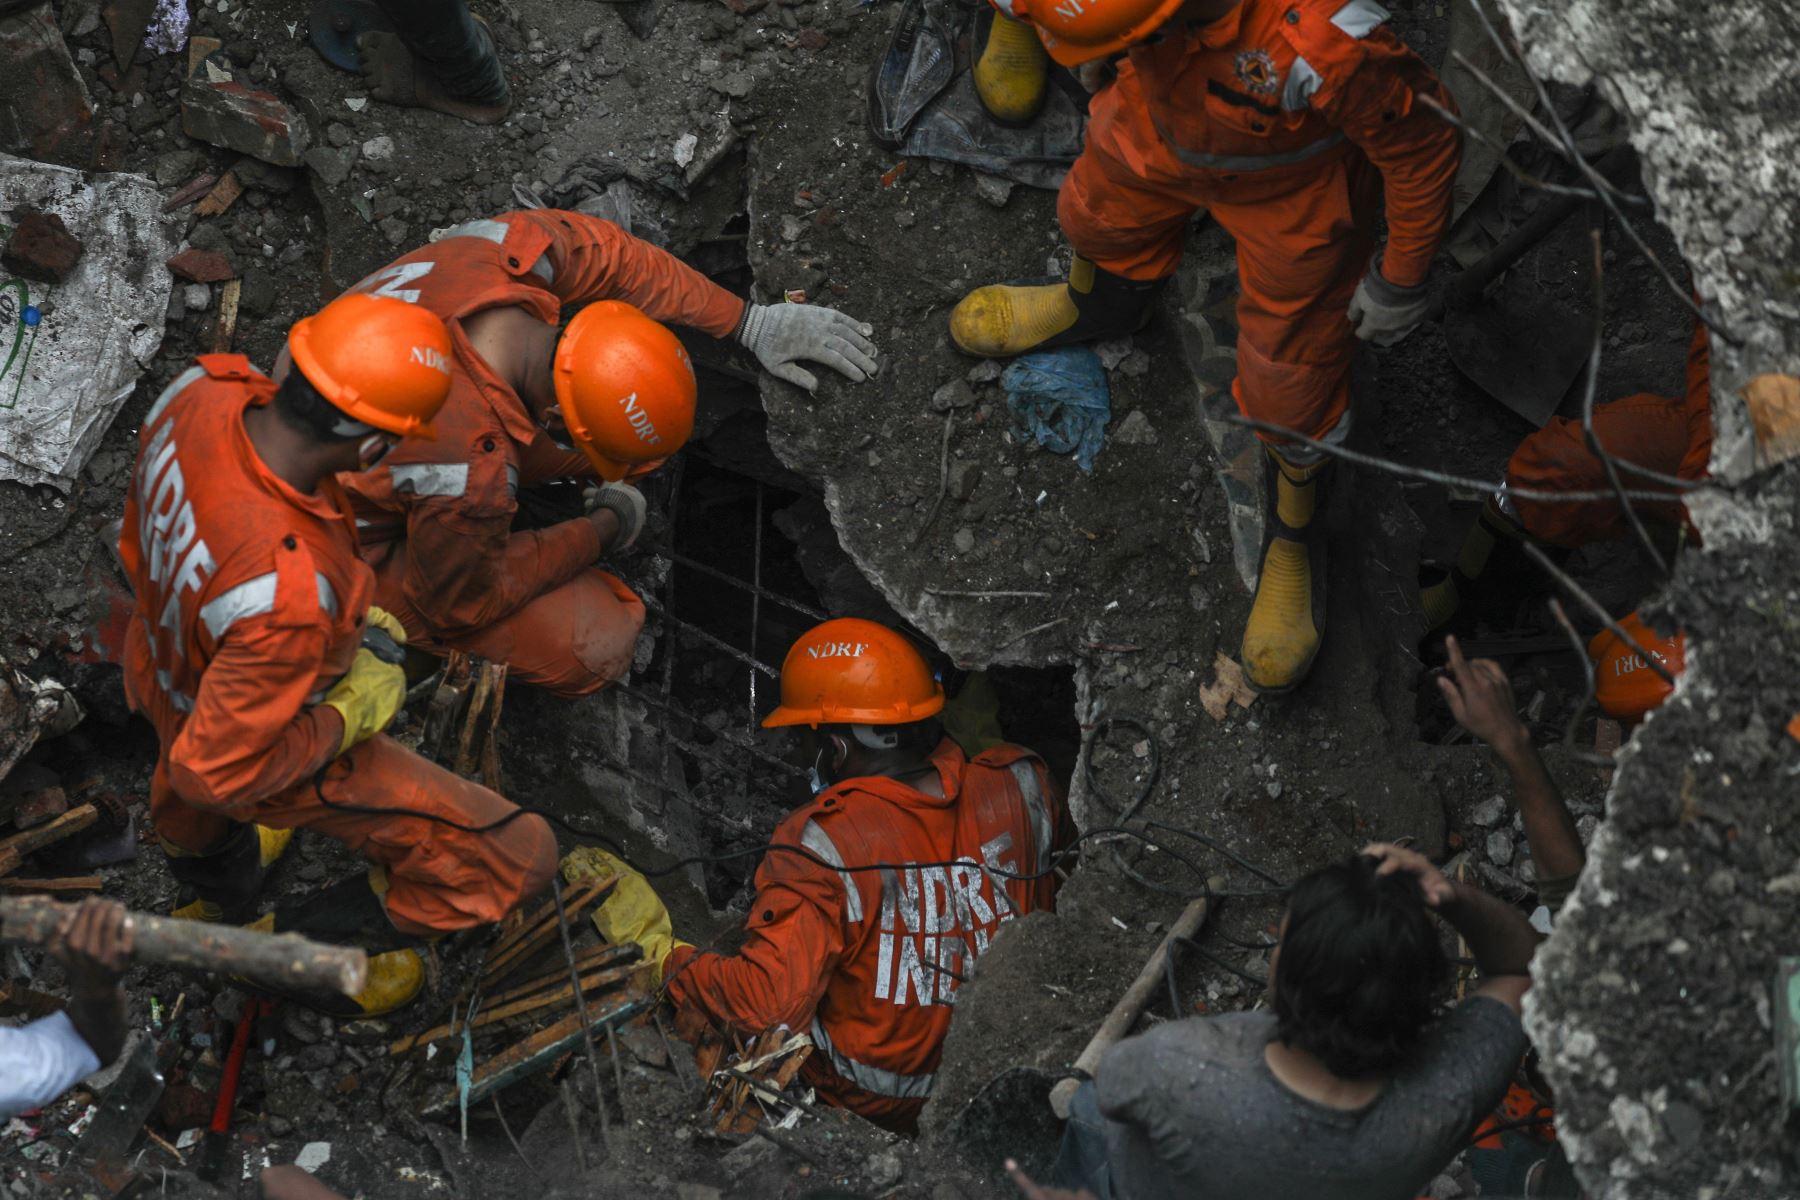 El personal de la Fuerza Nacional de Respuesta a Desastres (NDRF) rescata sobrevivientes tras el colapso de un edificio residencial en Bhiwandi, en las afueras de Mumbai, India. Foto: EFE